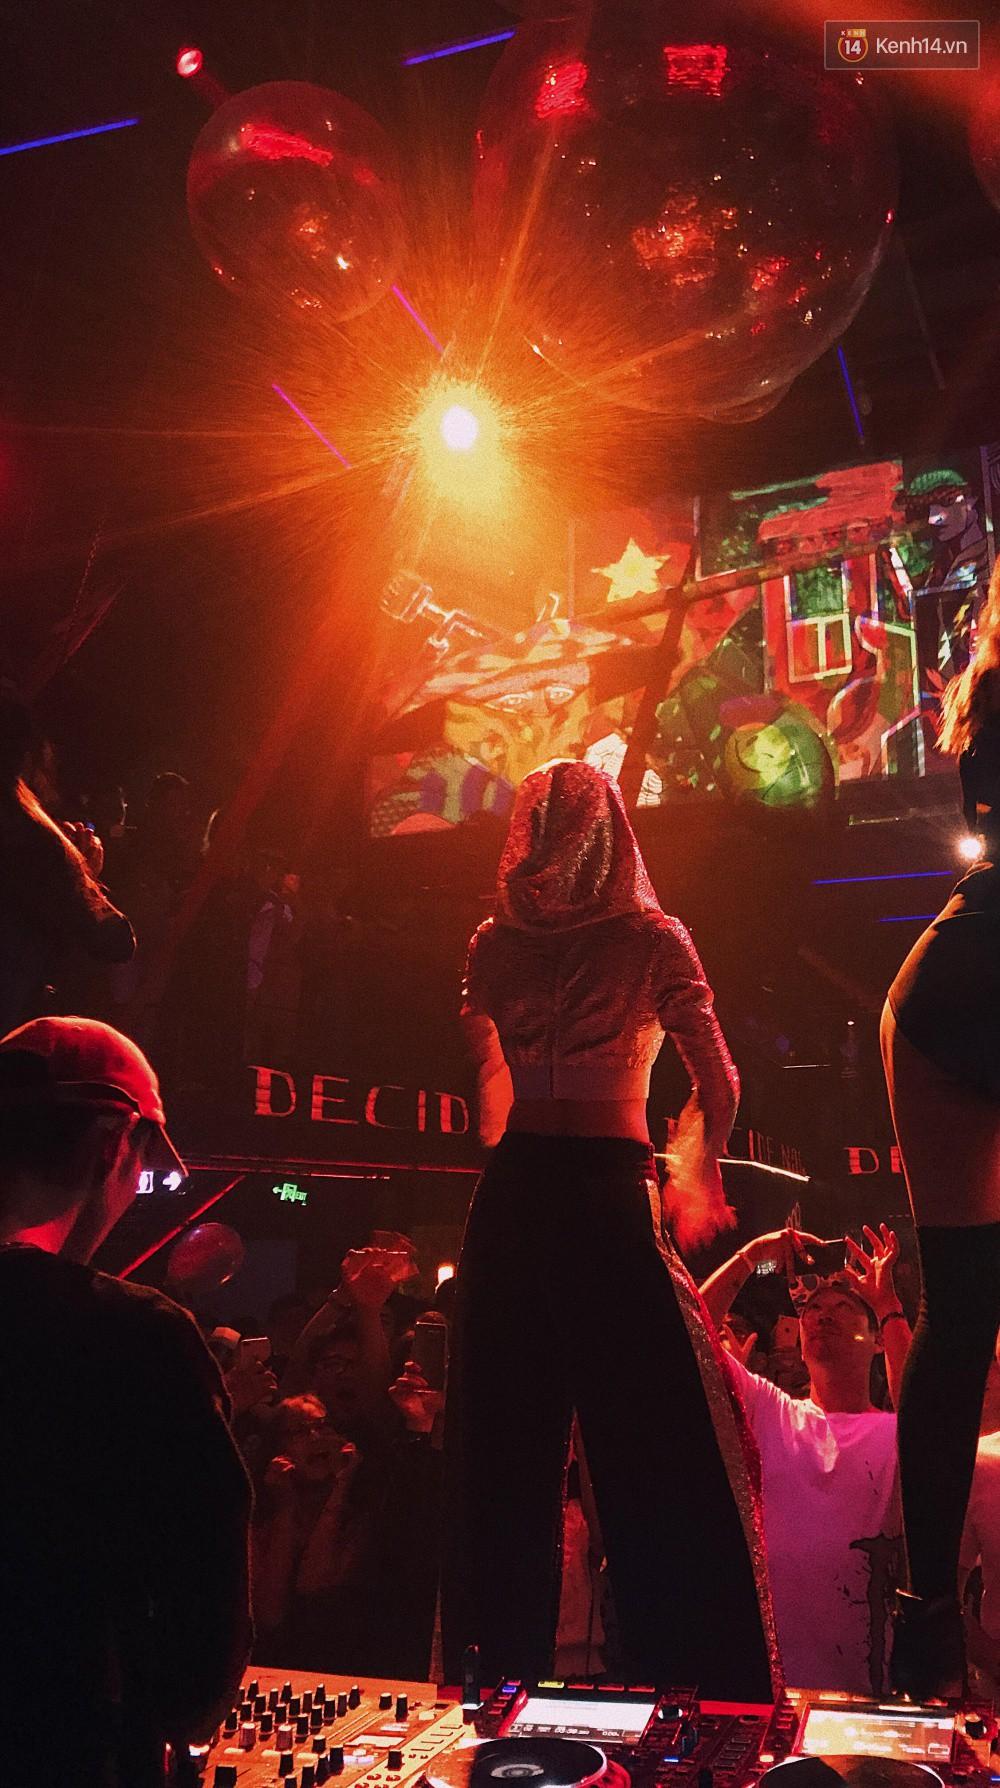 Chi Pu lần đầu live ca khúc mới Đoá hoa hồng, vừa hát vừa nhảy cực sung trong đêm nhạc tại Hà Nội - Ảnh 11.